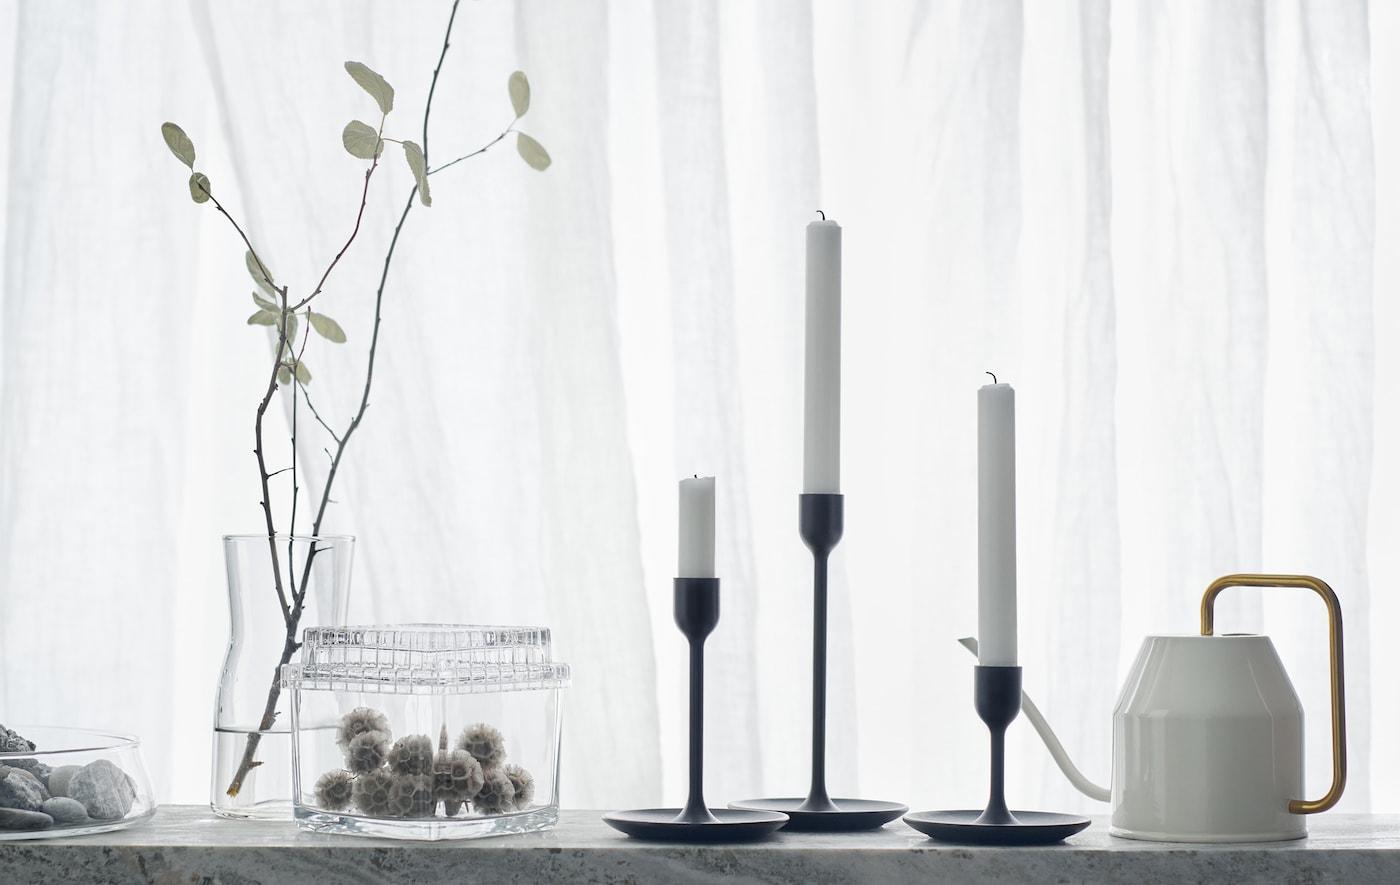 Trois bougeoirs noirs de différentes hauteurs sur fond blanc, avec arrosoir et bocaux en verre.